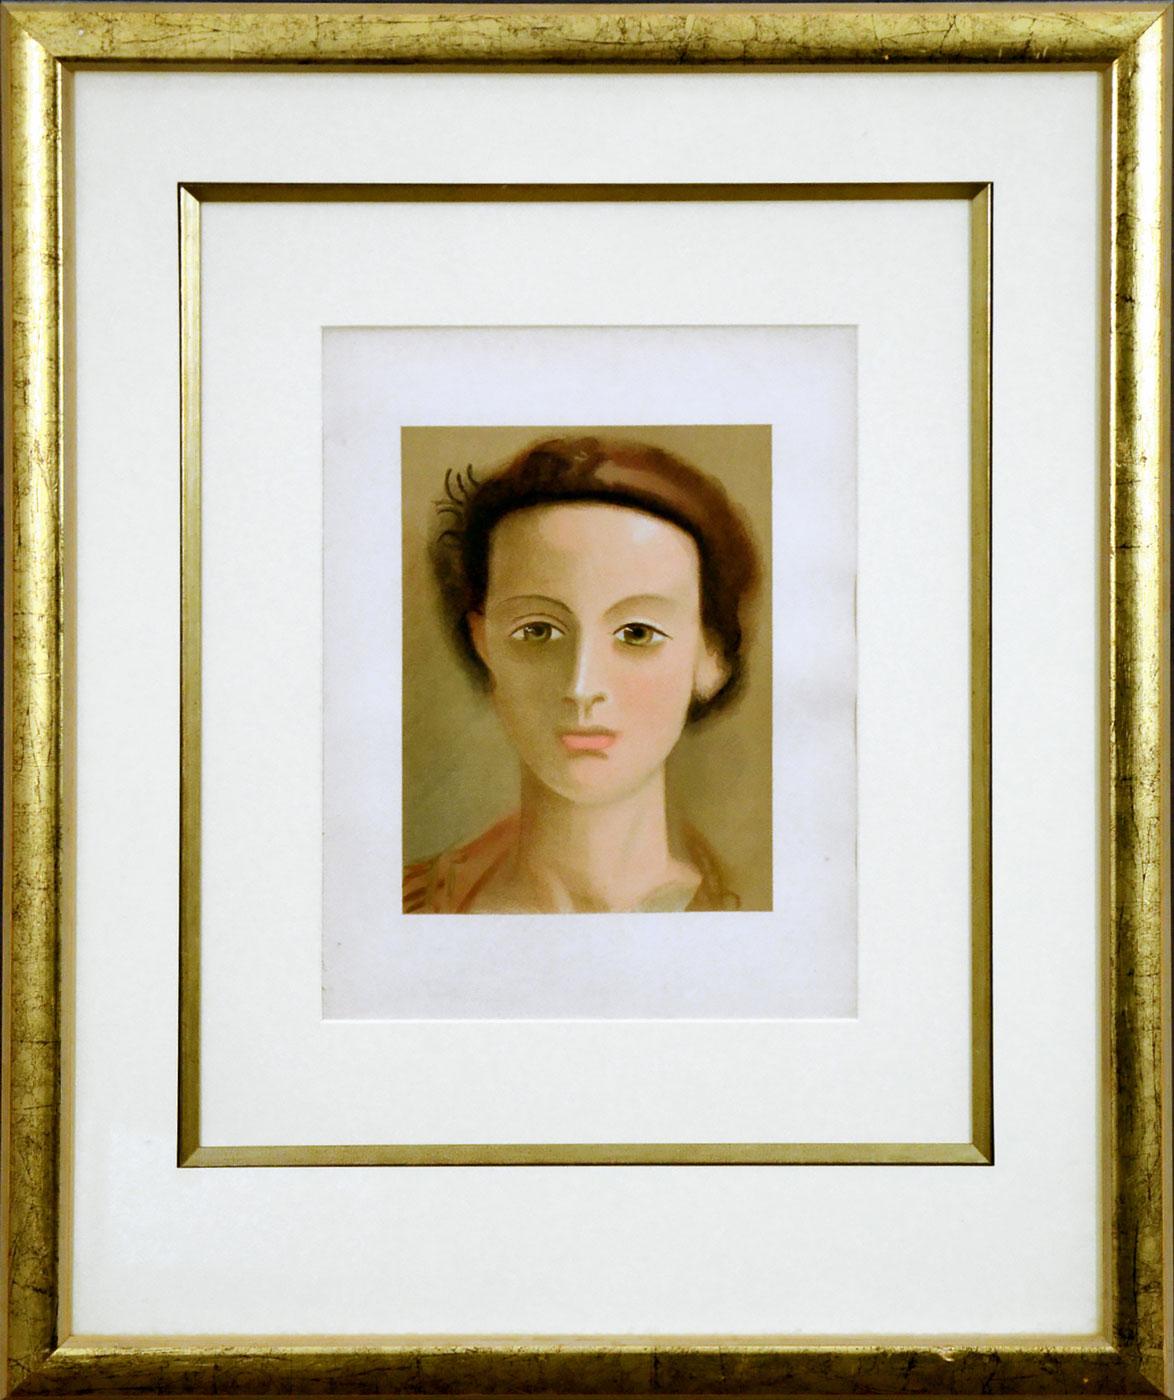 Andre-DERAIN,-Portrait-deJeune-Fille-02